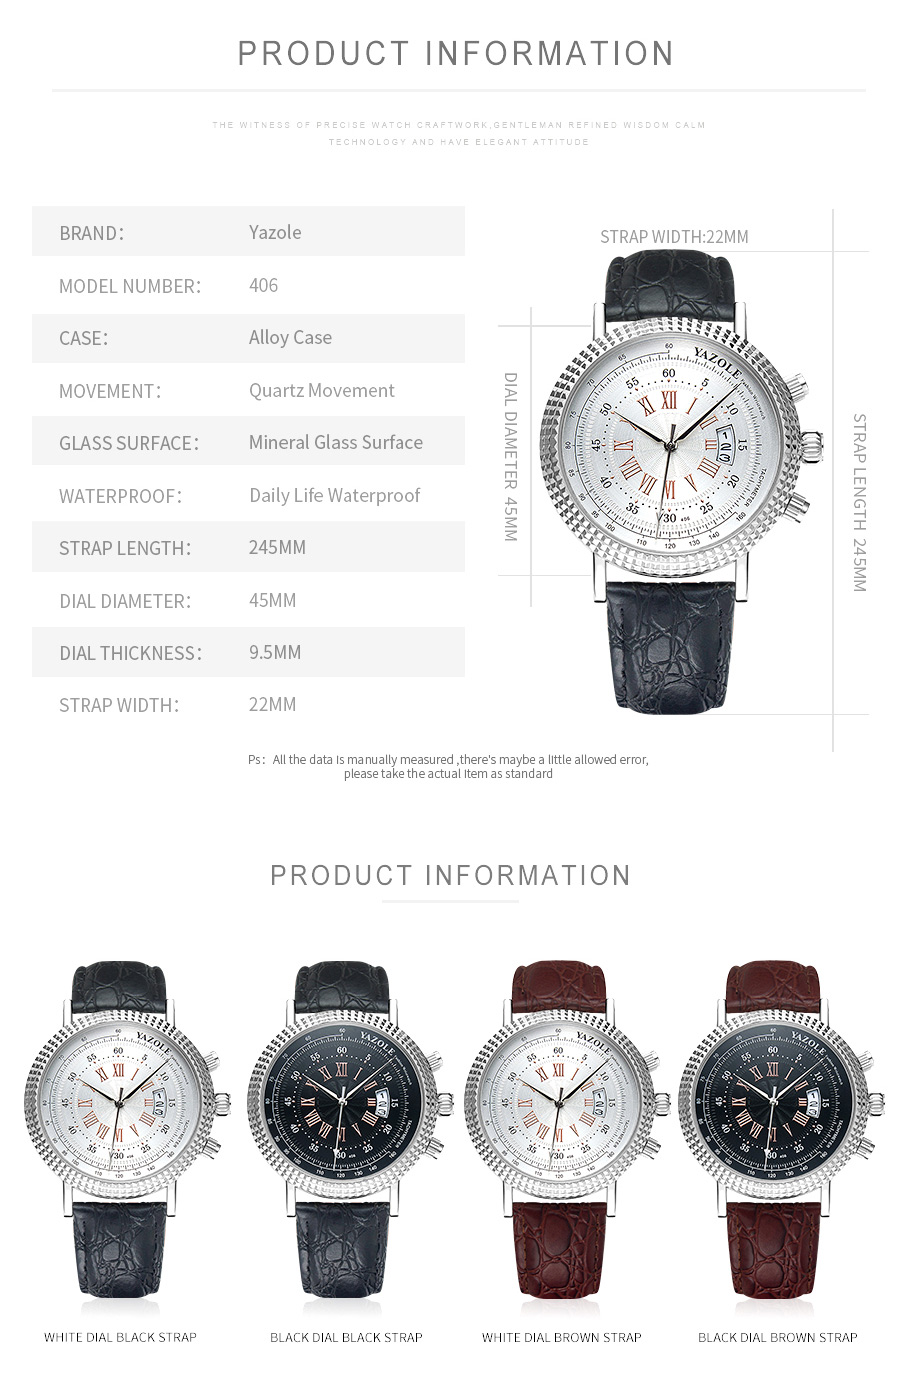 H4ef24f3e20a540a7af2a638889175abcG Luxury Business Men's Watches relogio masculino PU Leather Strap Hiqh Quality Dress Watch Men Classic Casual Quartz Male Clock